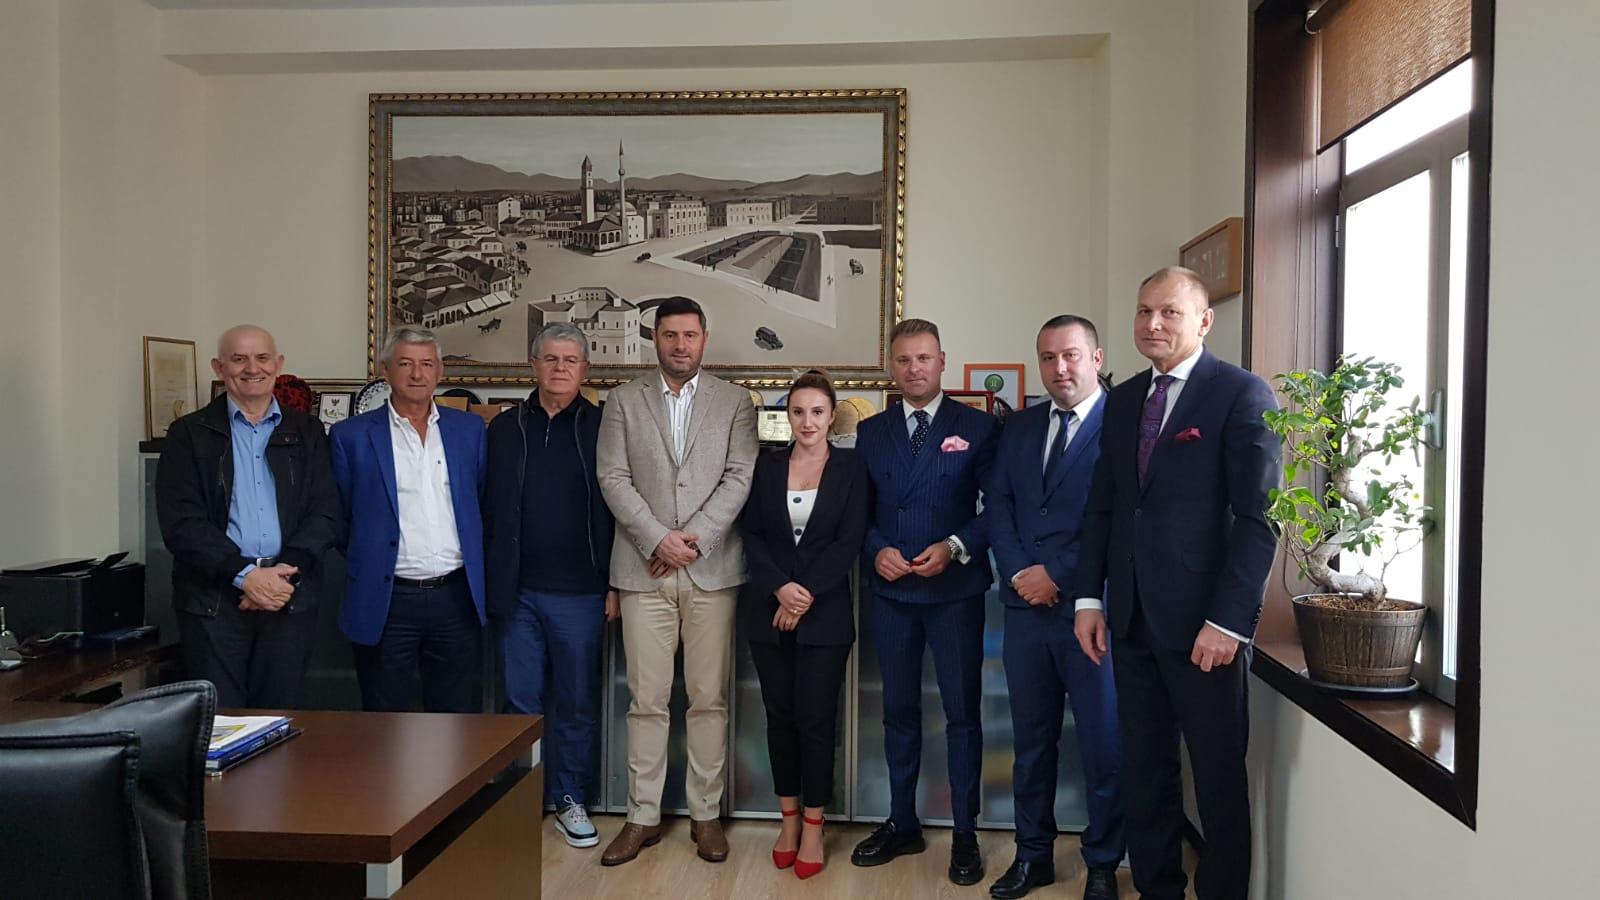 Kryetari Jaka në takim me drejtuesit e Dhomës Polako-Ballkanike: Ne jemi të gatshëm të ri dimensionojmë marrëdhëniet ekonomike